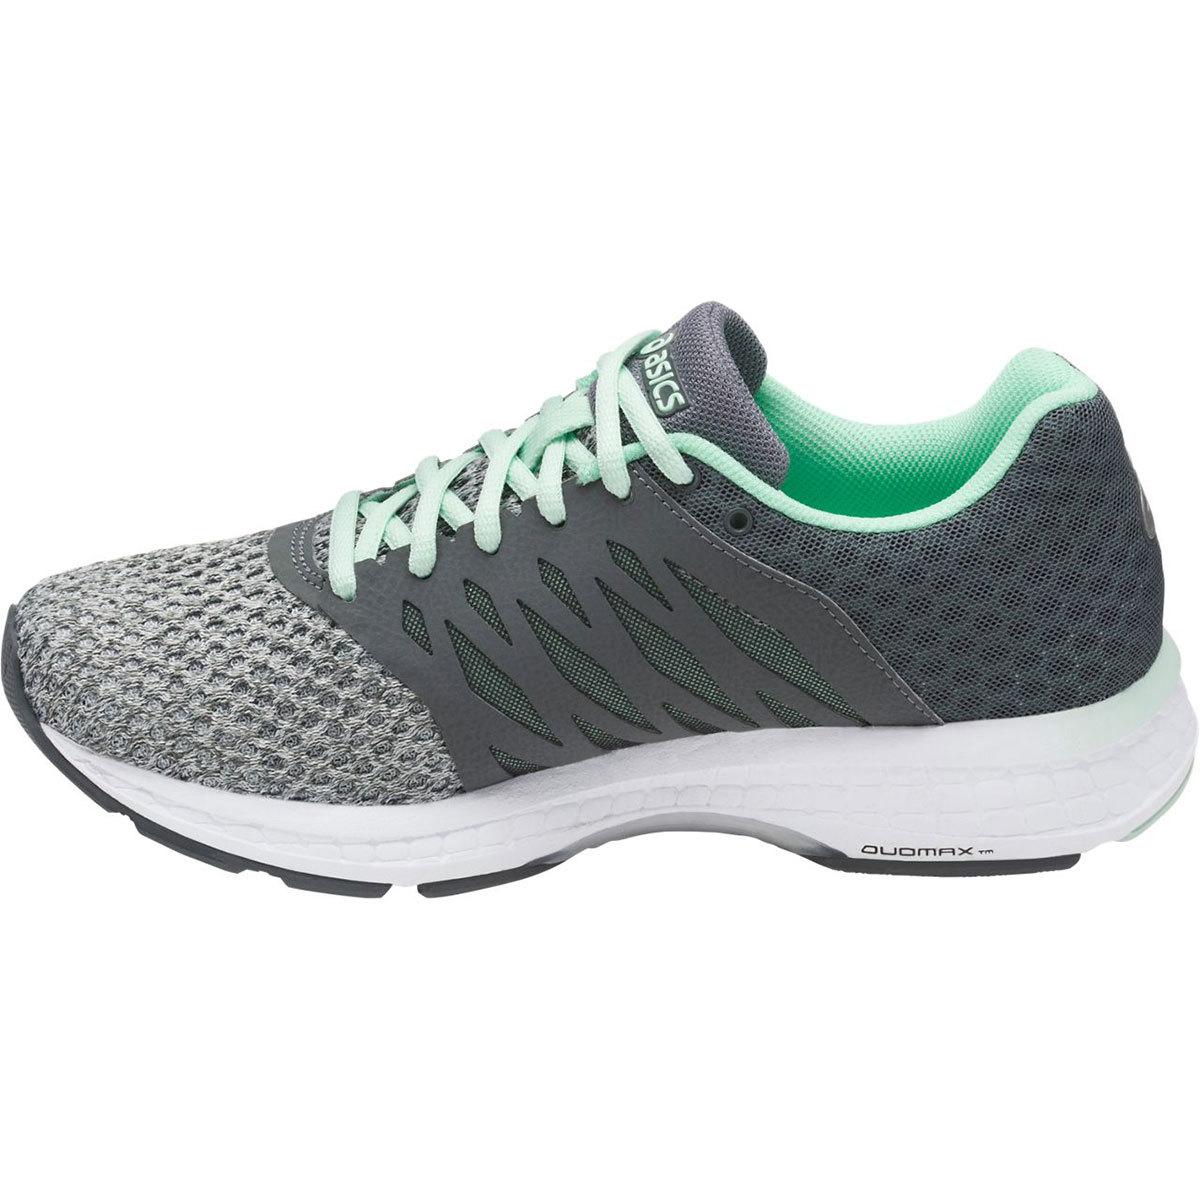 official photos 8224f e2d7b ASICS Women's GEL-Exalt 4 Running Shoes, Mid Grey/Silver ...